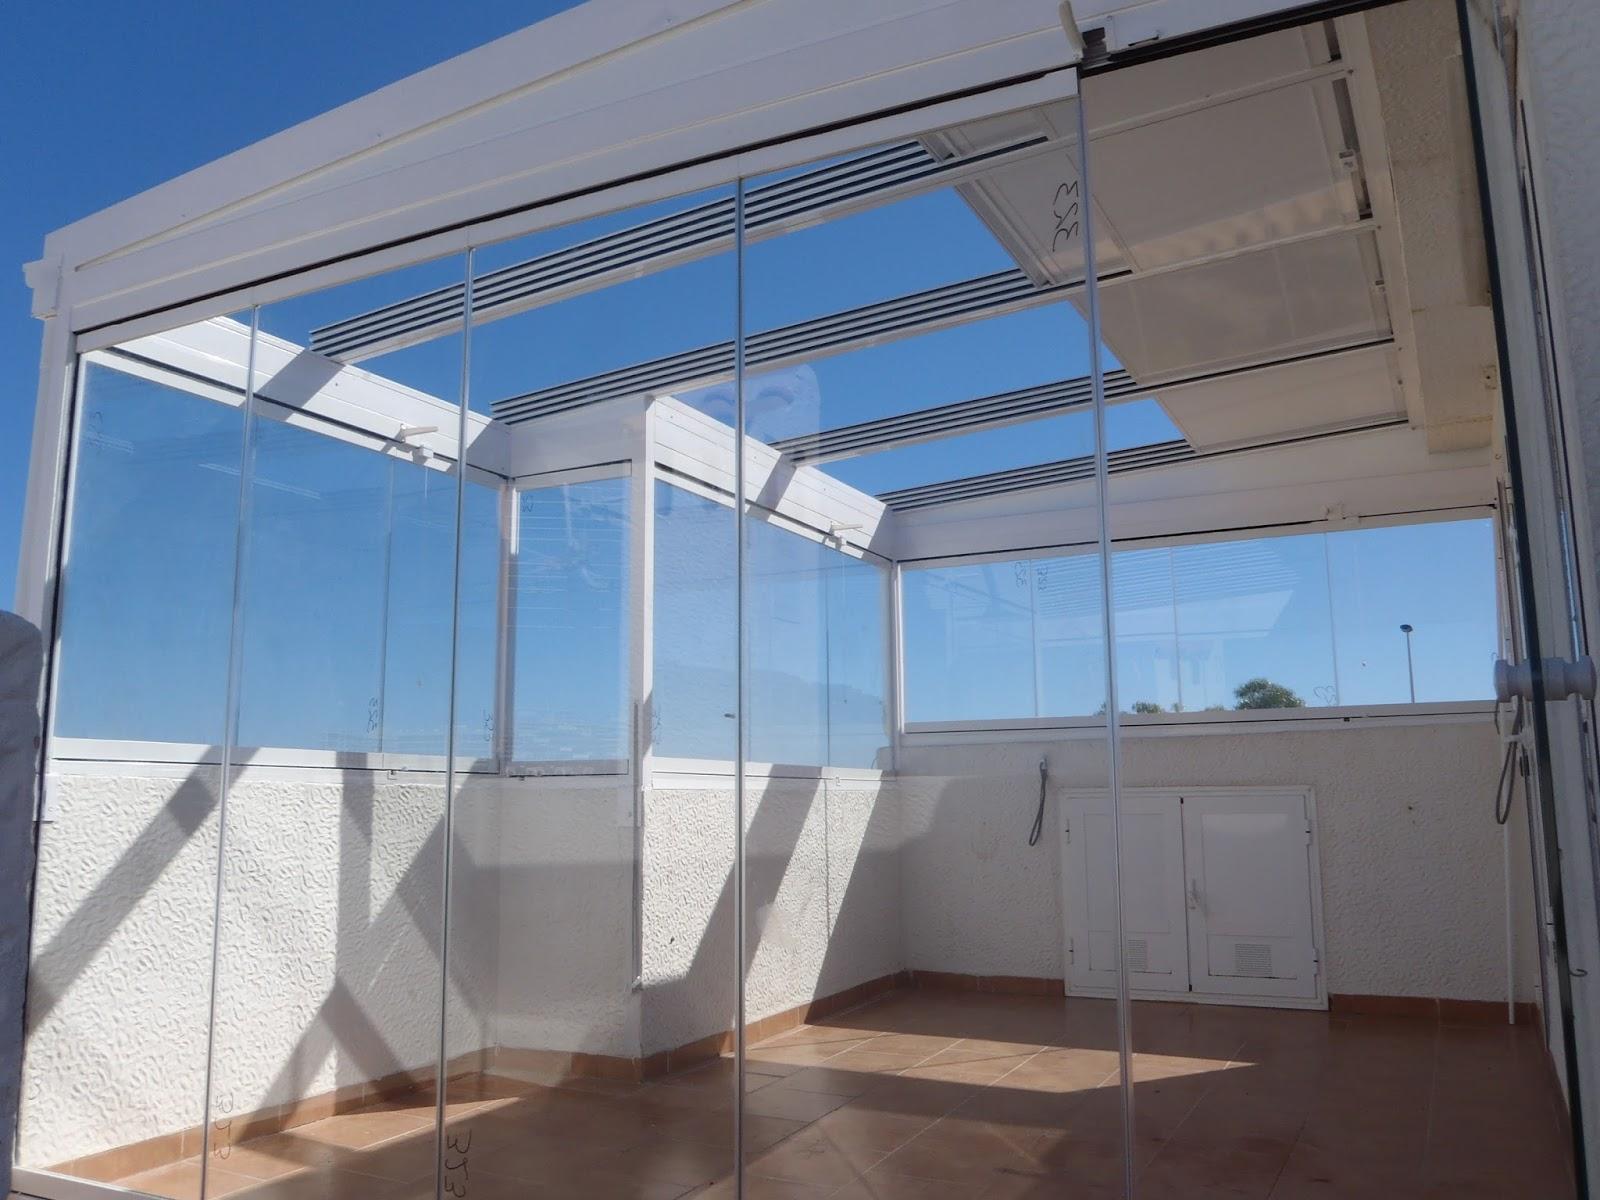 Ventajas de los techos de policarbonato cerramientos de - Techos de policarbonato precios ...